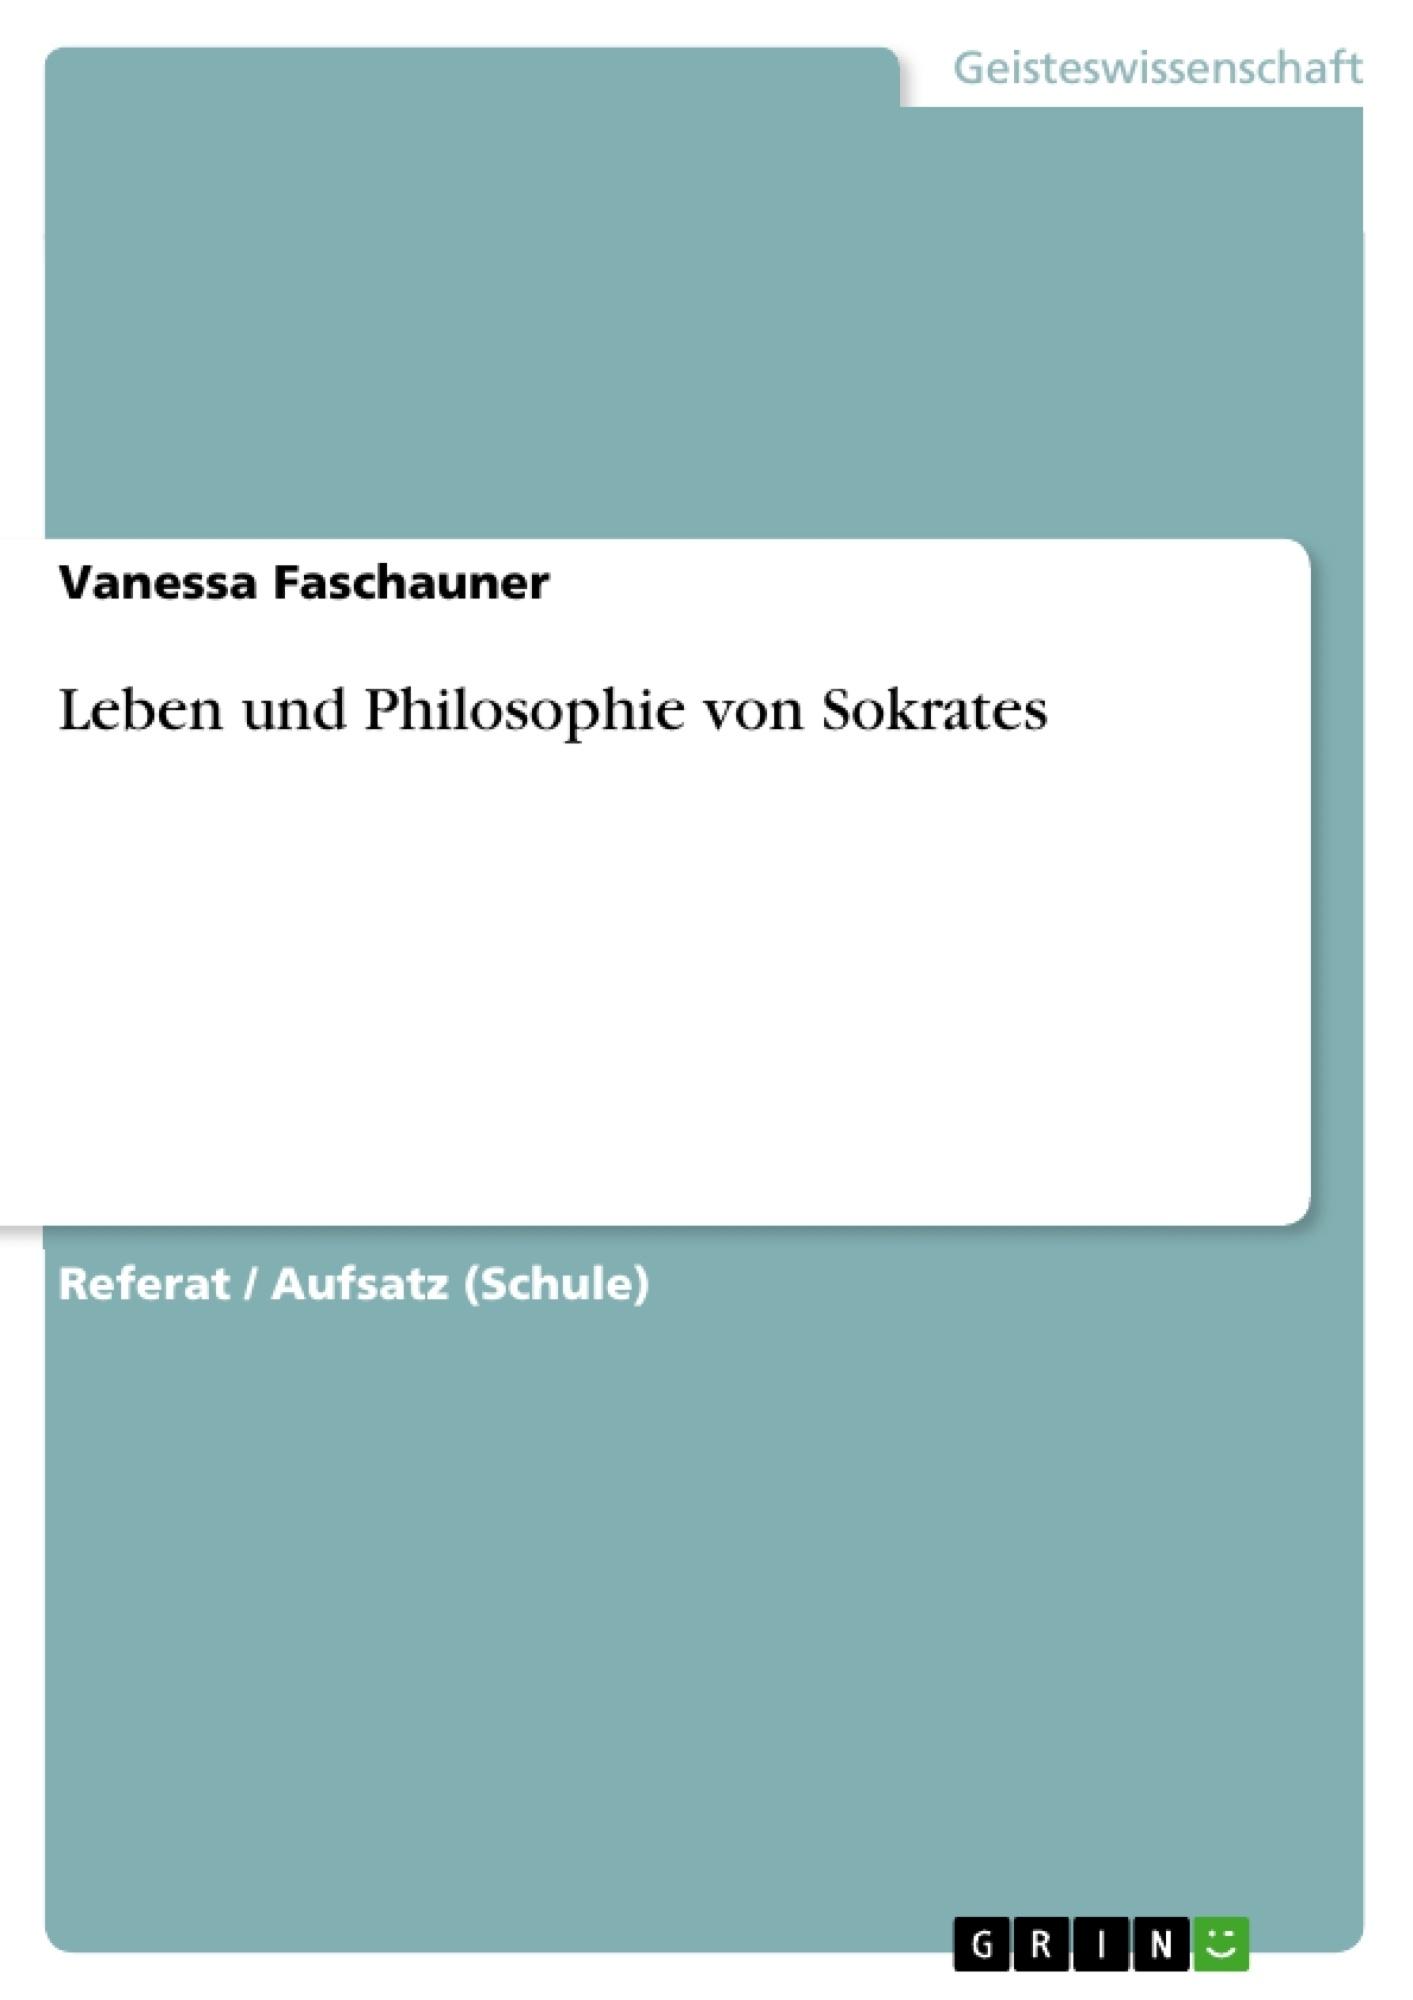 Titel: Leben und Philosophie von Sokrates